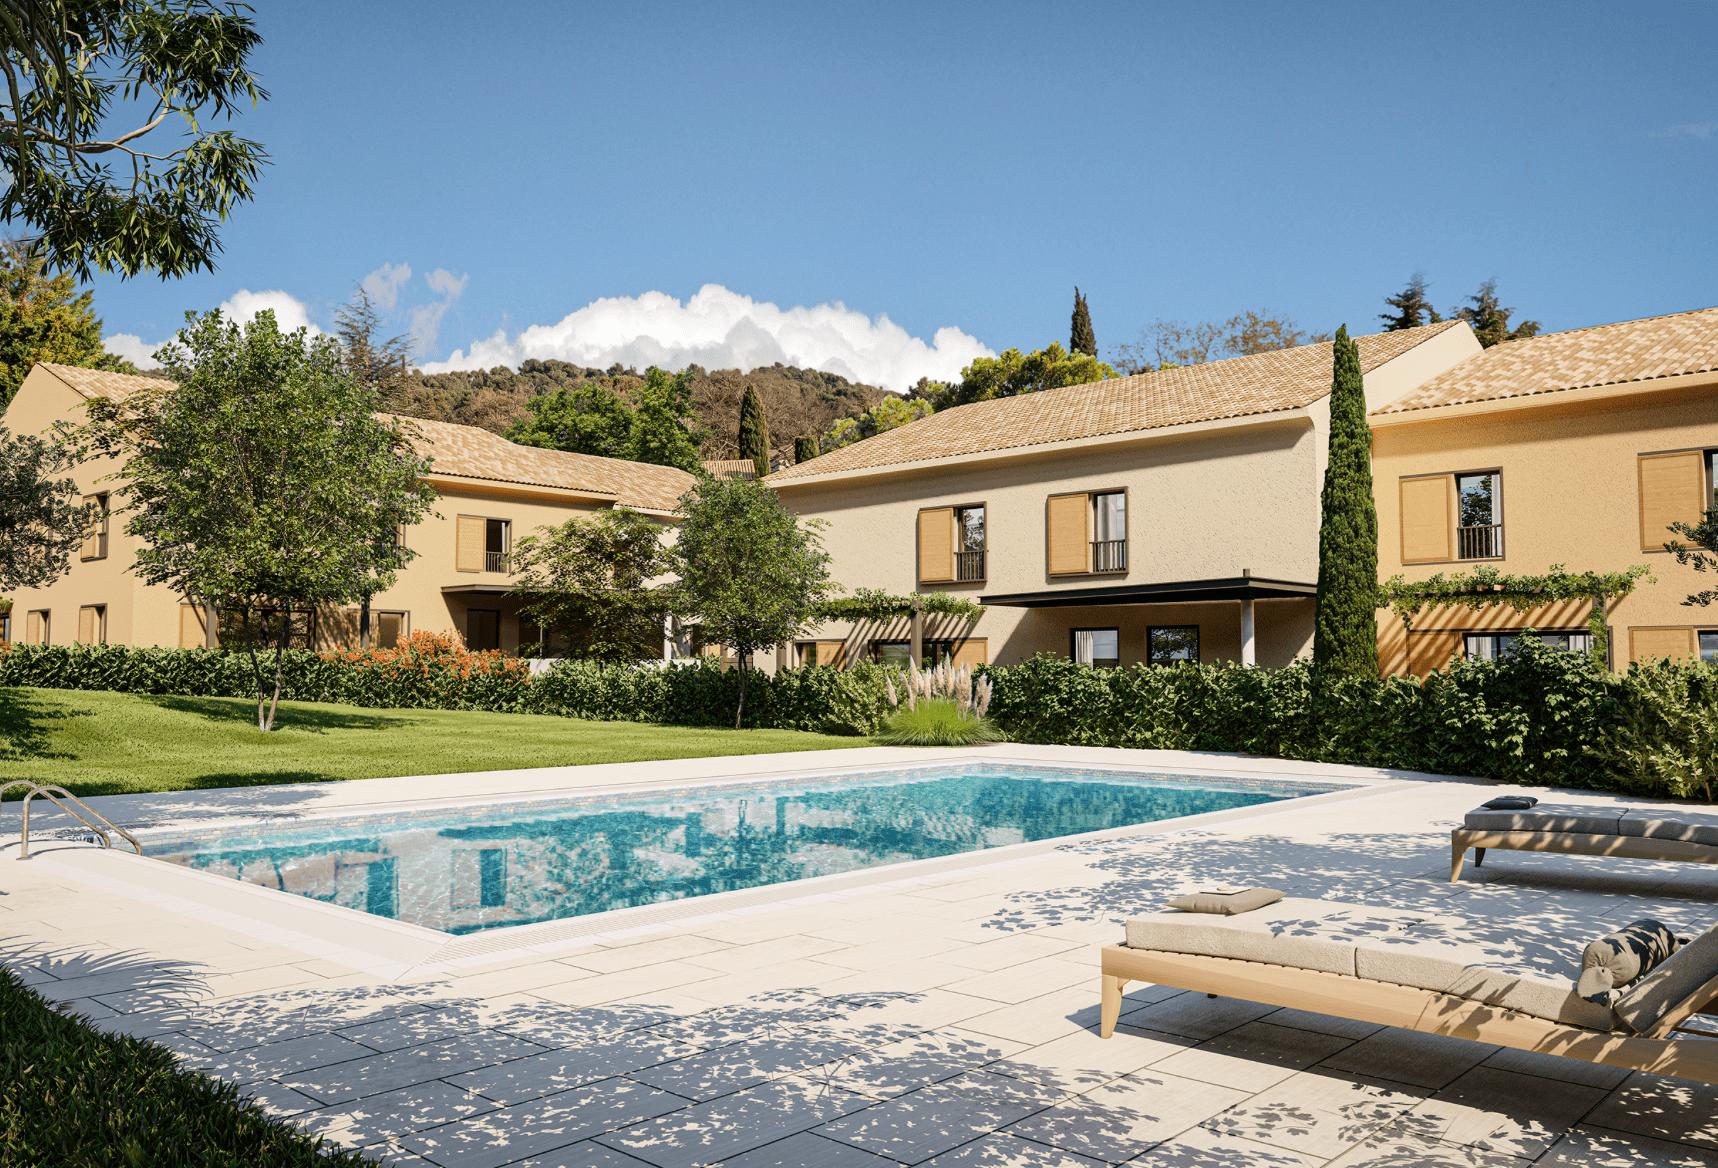 Programme immobilier OGI34 appartement à Aix-En-Provence (13100) Au cœur du village de Luynes